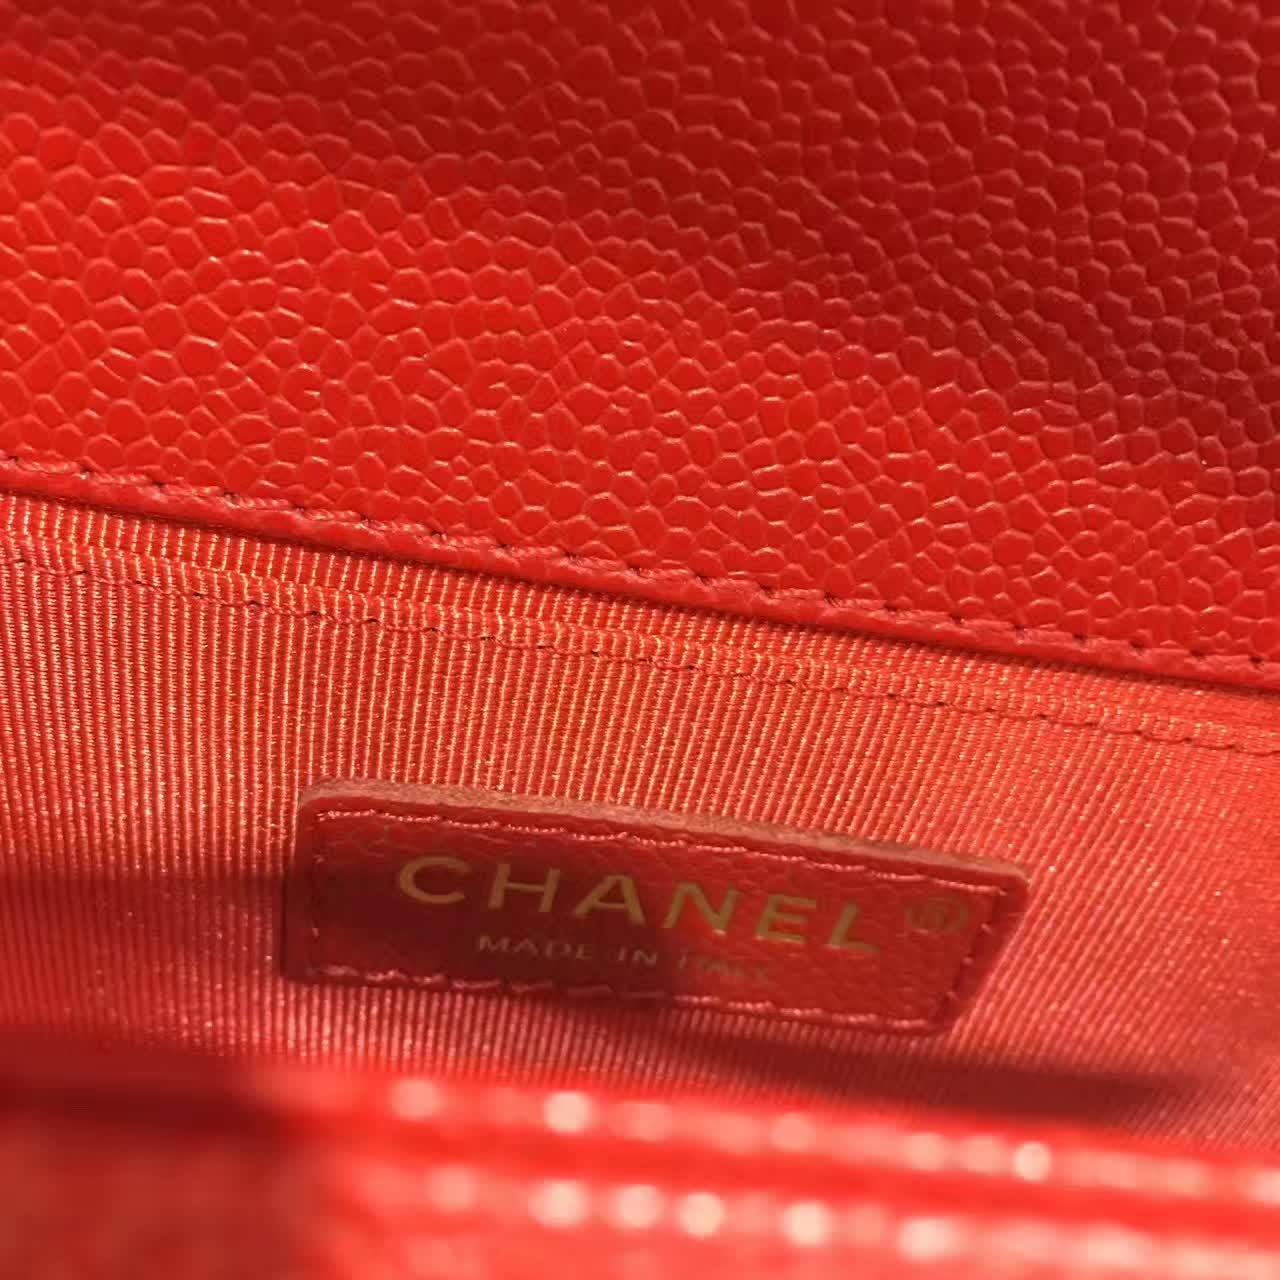 Chanel 香奈儿 Leboy 鱼子酱 大红 25cm 古金